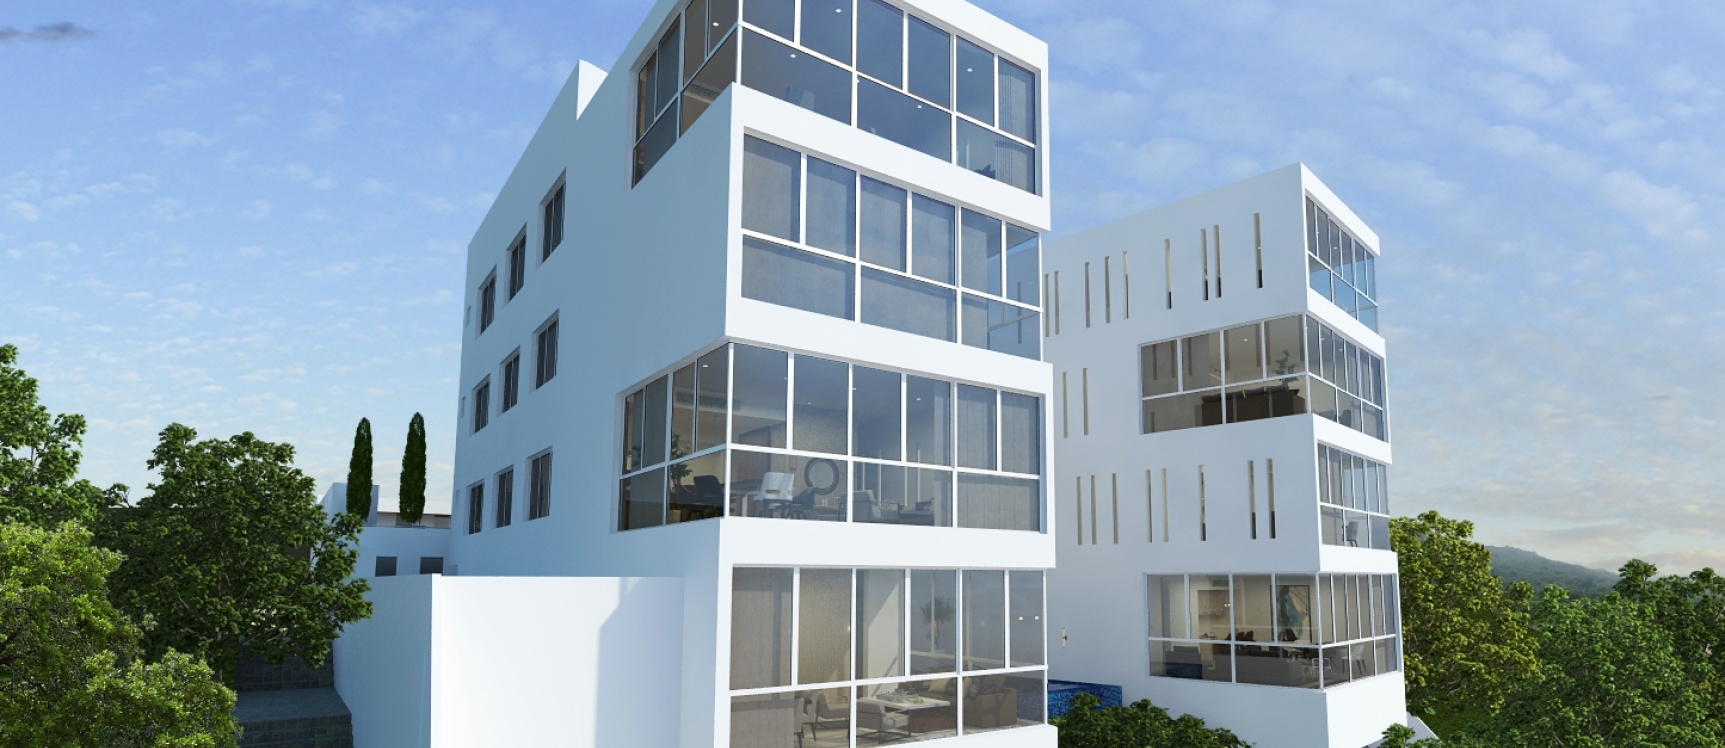 GeoBienes - Departamento planta baja, Vista 816 - Plusvalia Guayaquil Casas de venta y alquiler Inmobiliaria Ecuador